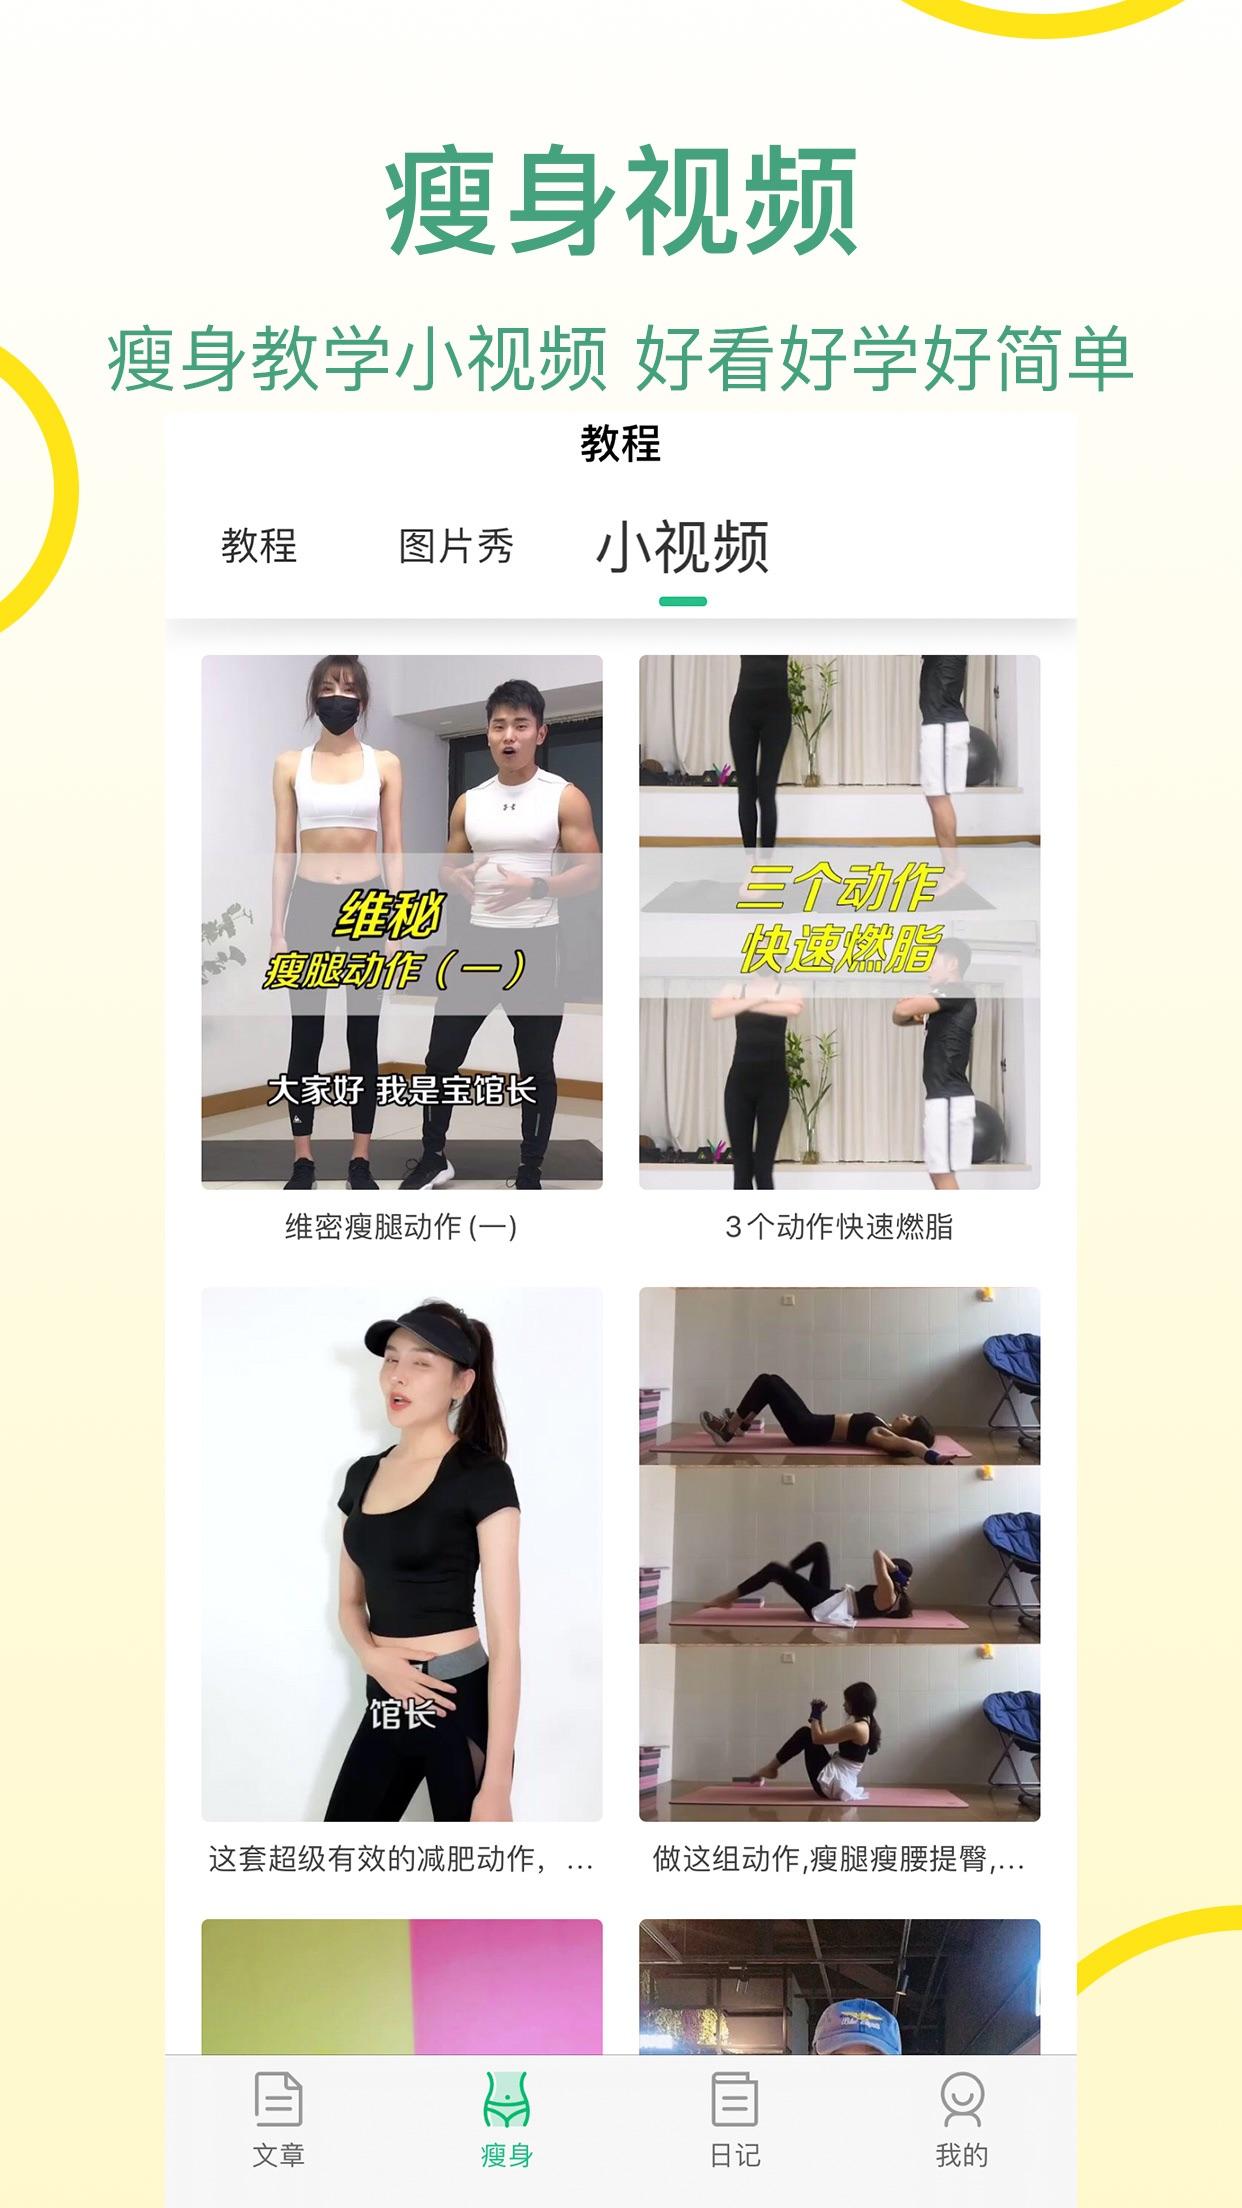 每日一瘦 - 瘦身减肥健身平台 Screenshot